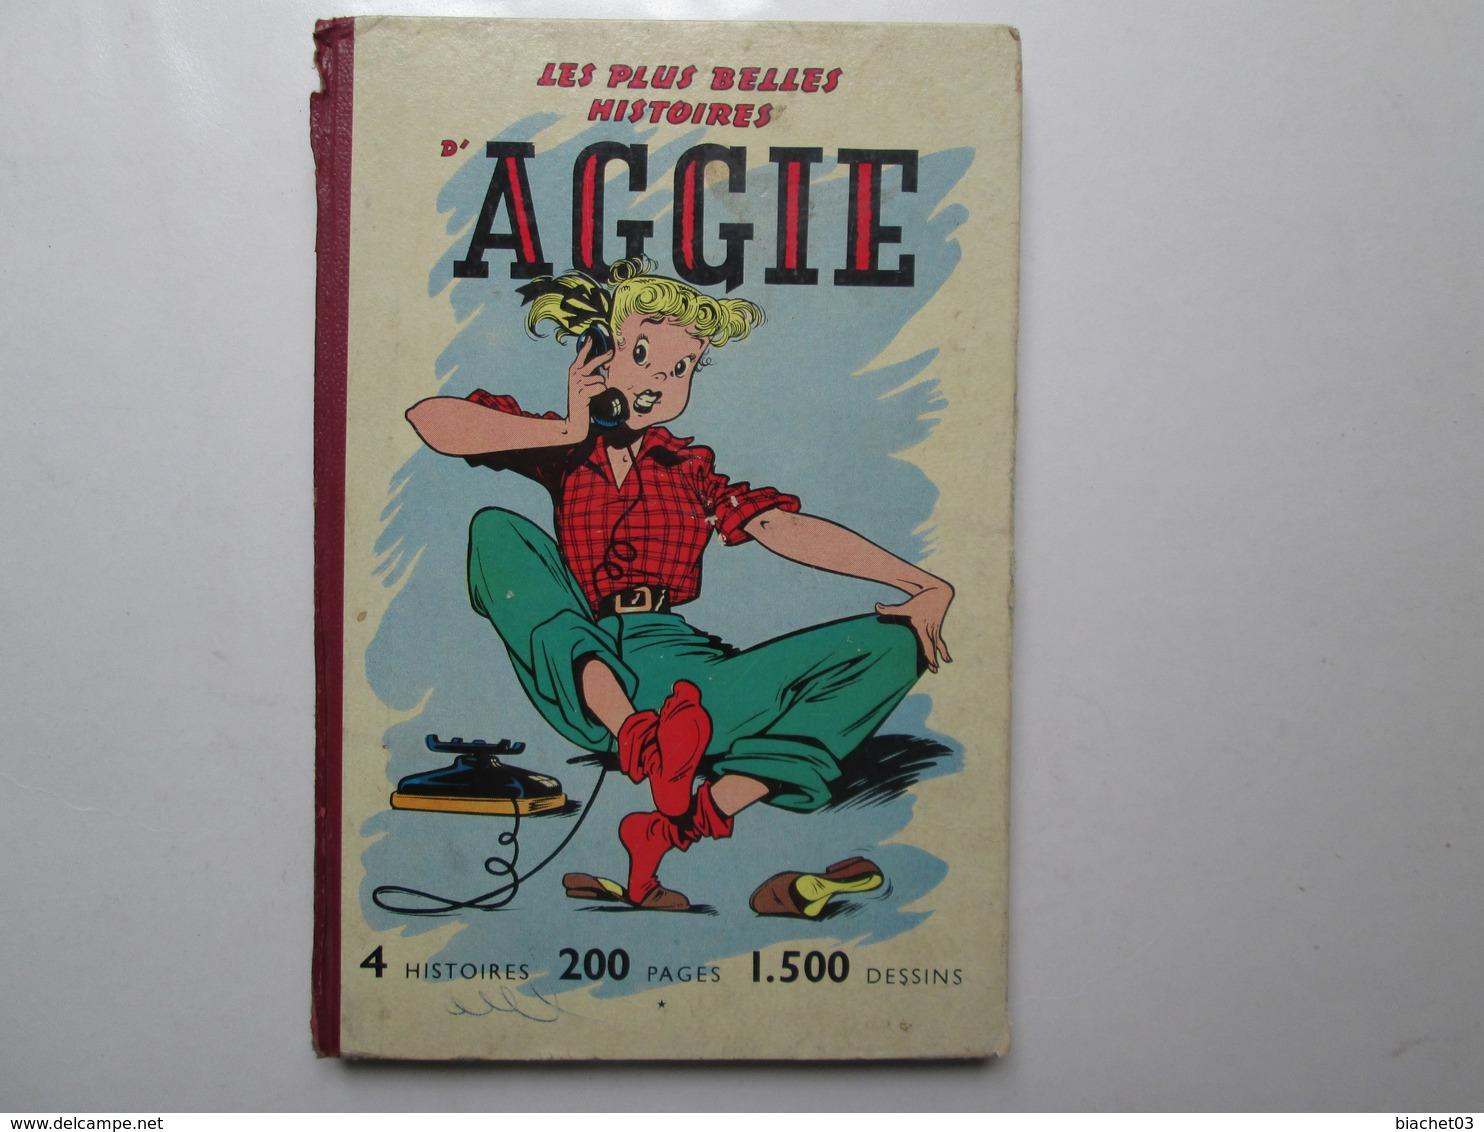 Aggie - Zeitschriften & Magazine